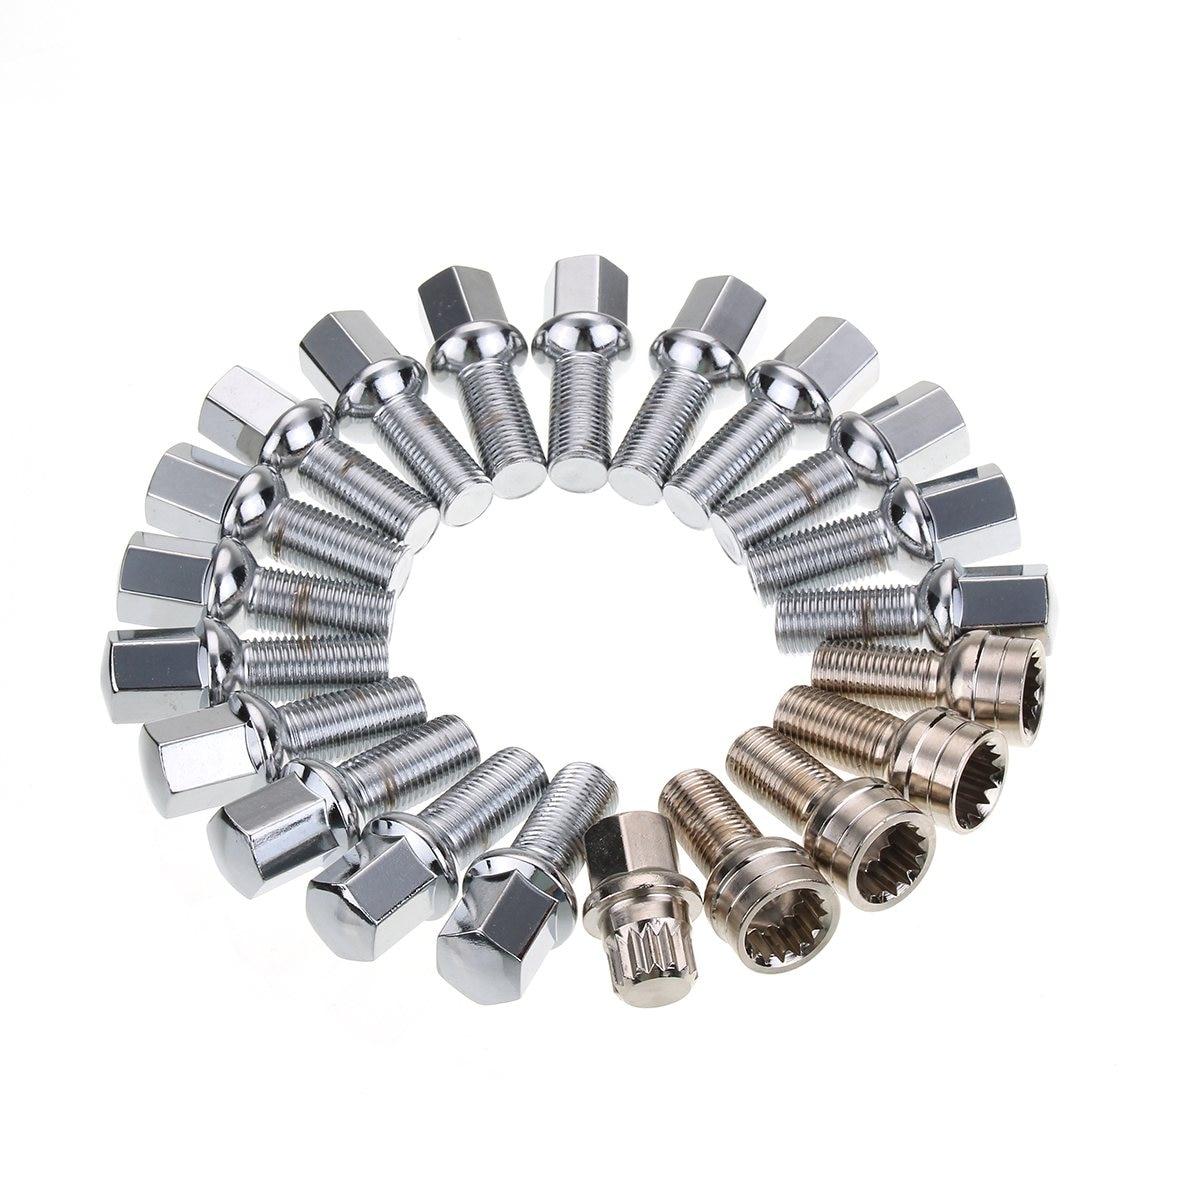 21Pcs Set Alloy Wheel Plain Lock Bolts Lug Nuts For VW Transporter T4 T5 1990 2017